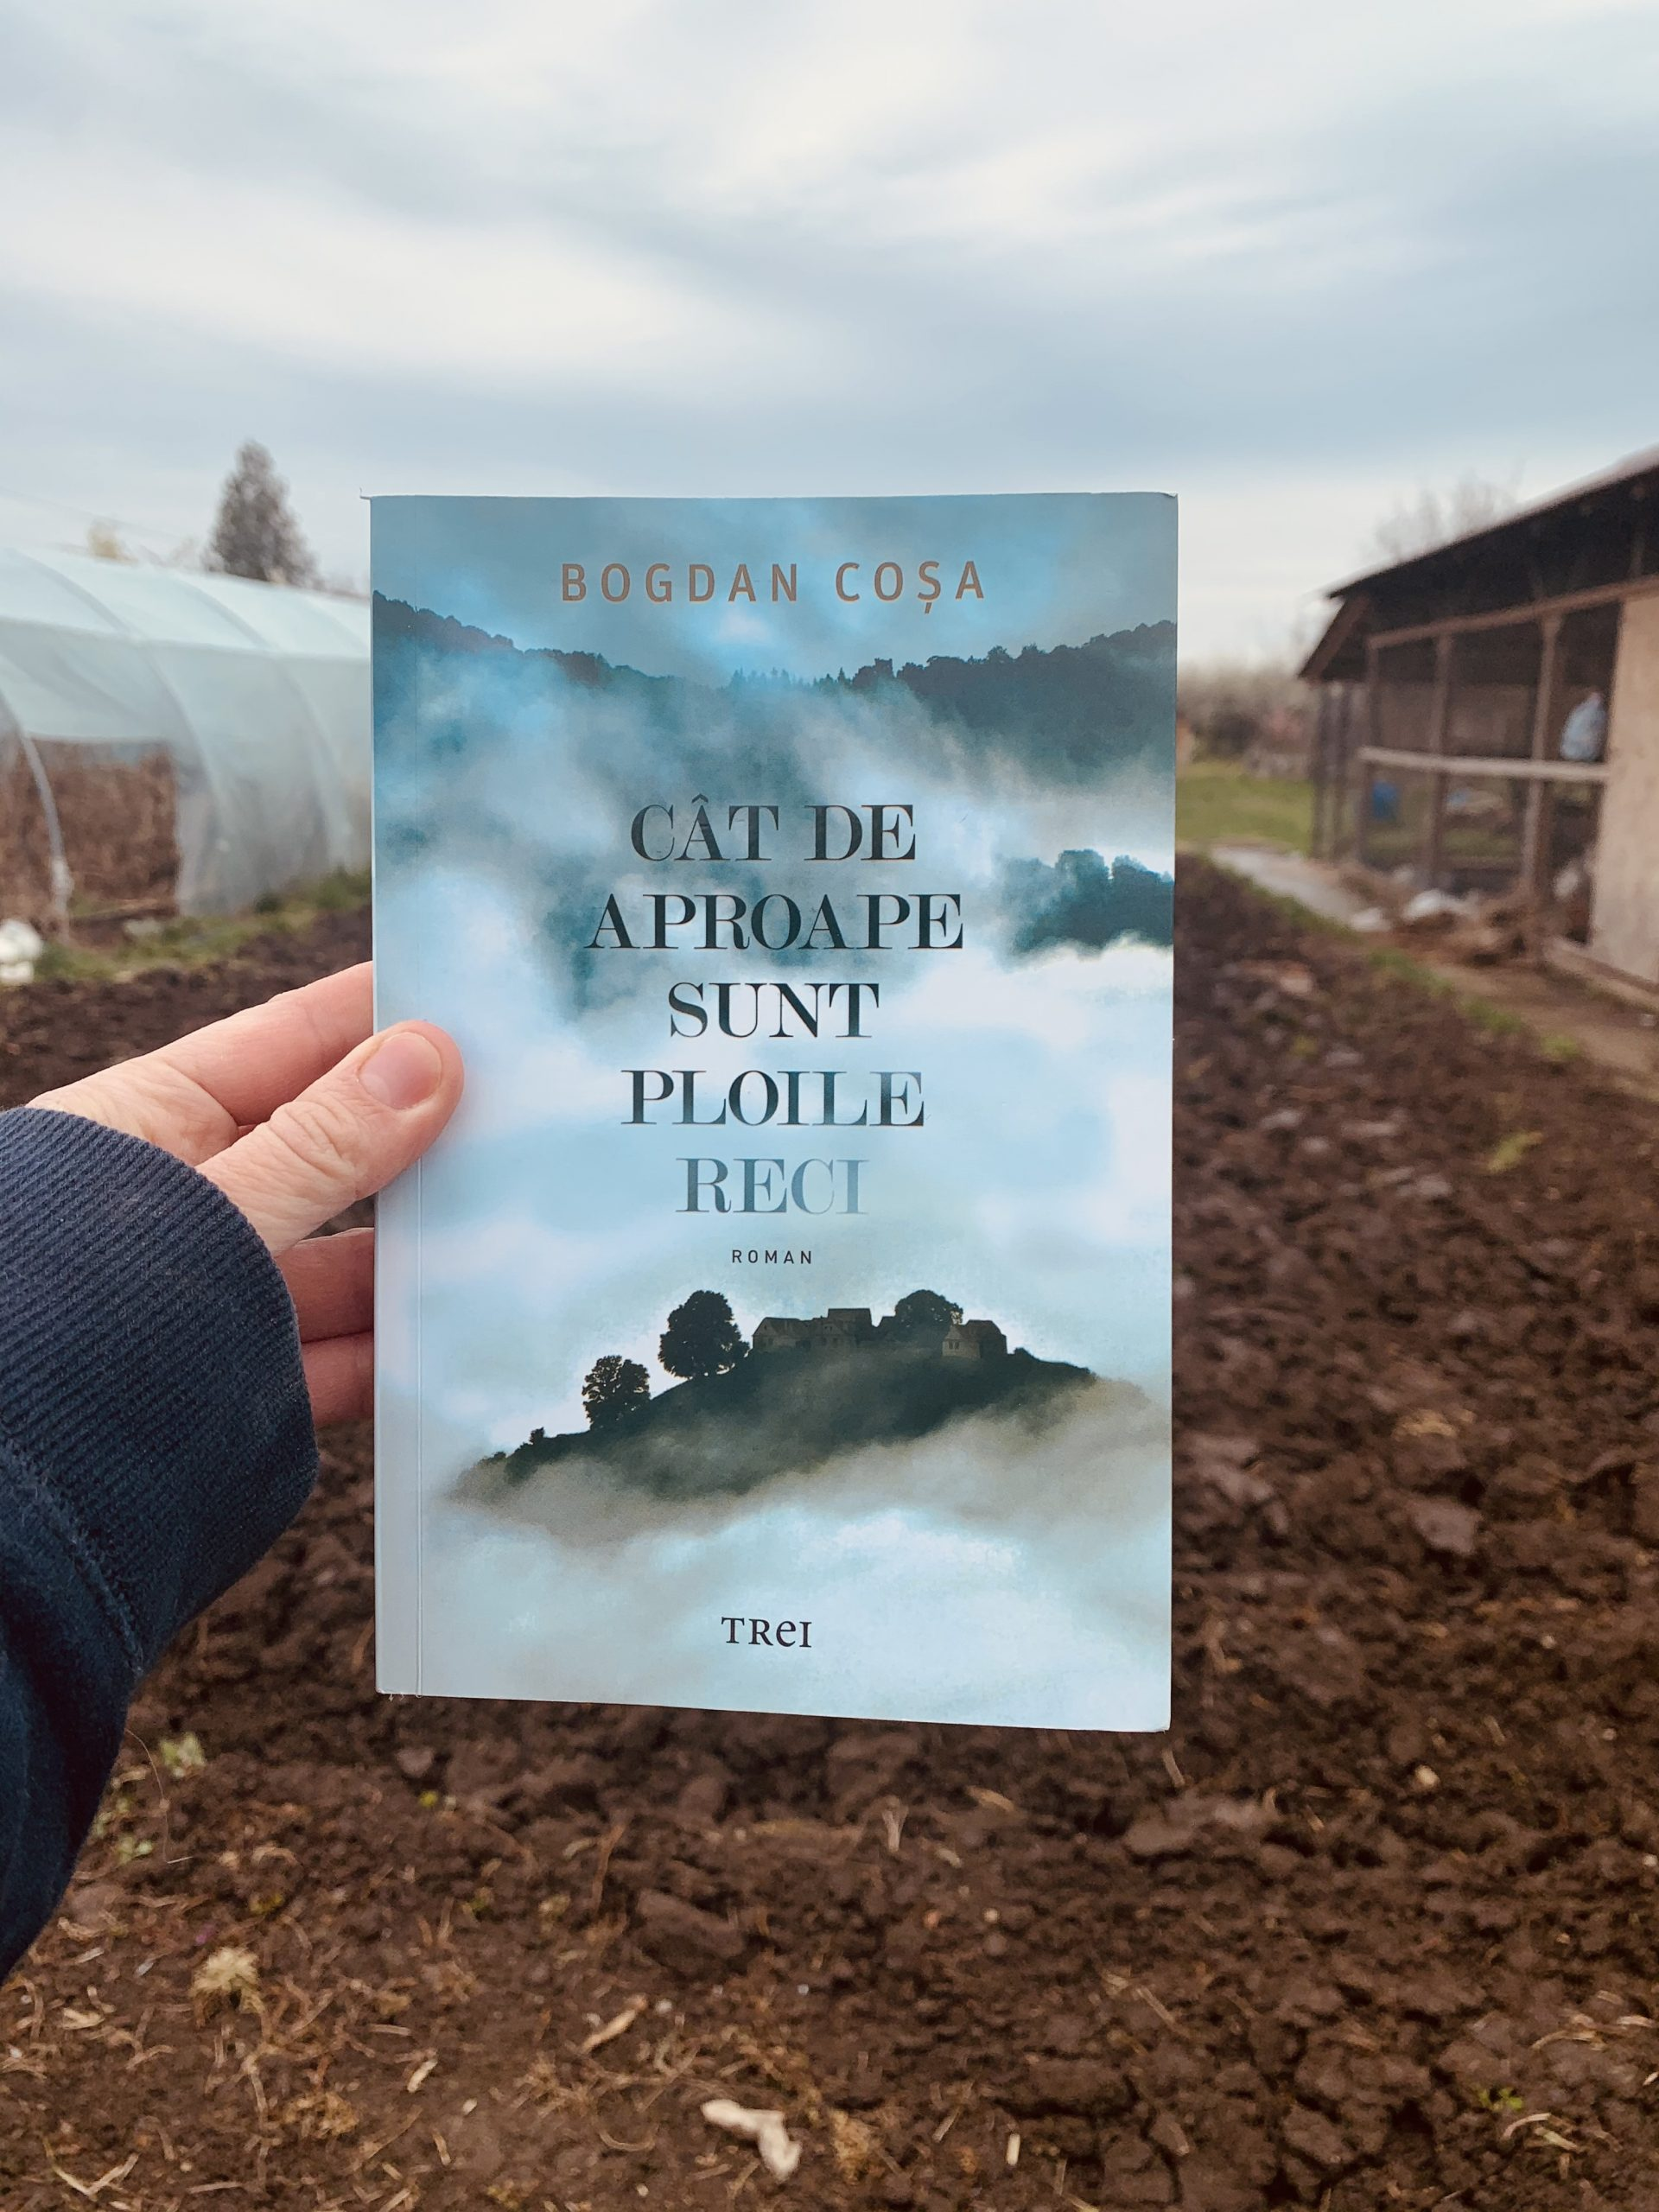 Cât de aproape sunt ploile reci, Bogdan Coșa